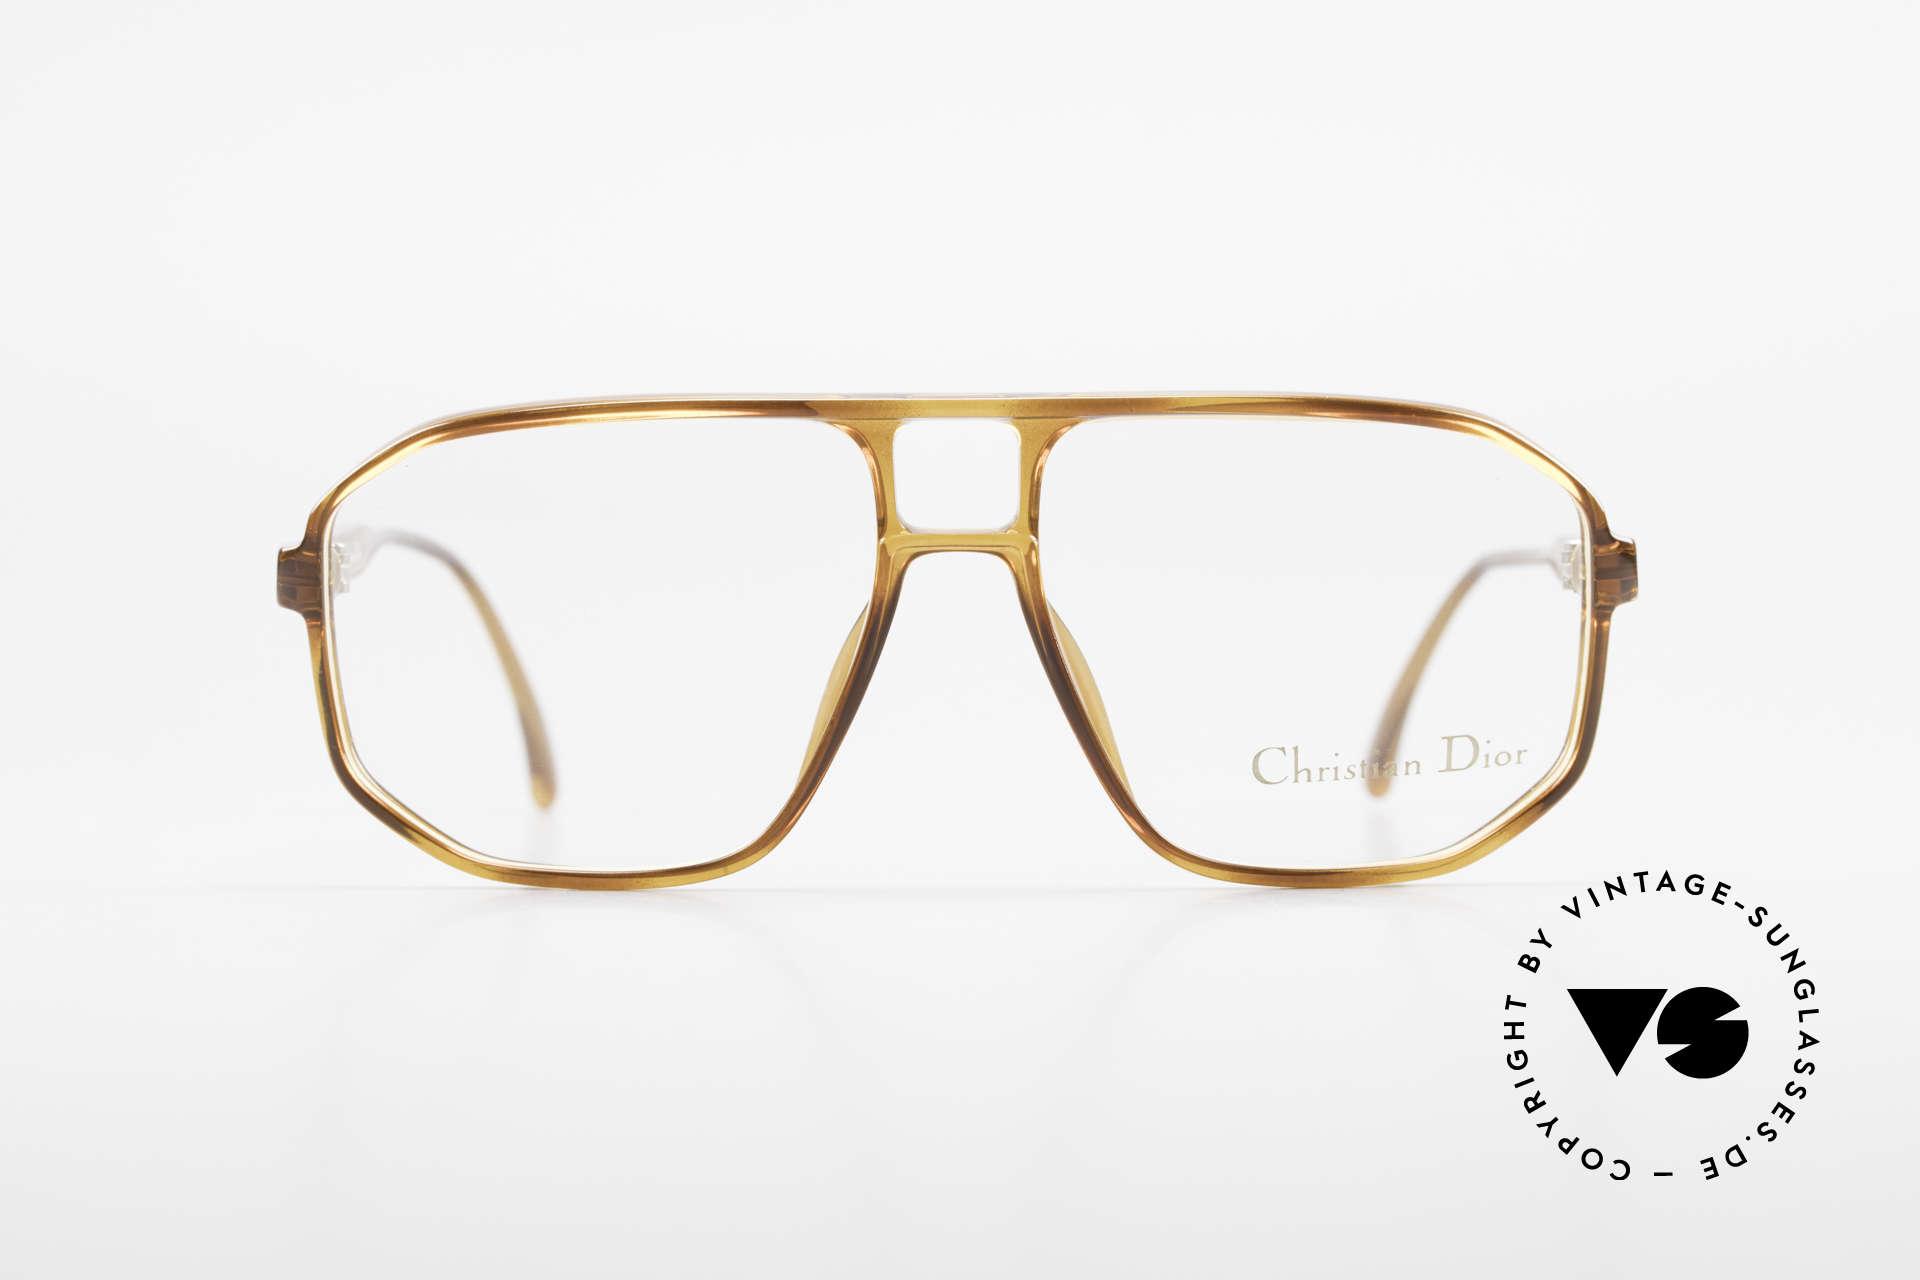 Christian Dior 2485 90er Vintage Herrenbrille, männliches Design mit markanter Doppel-Brücke, Passend für Herren